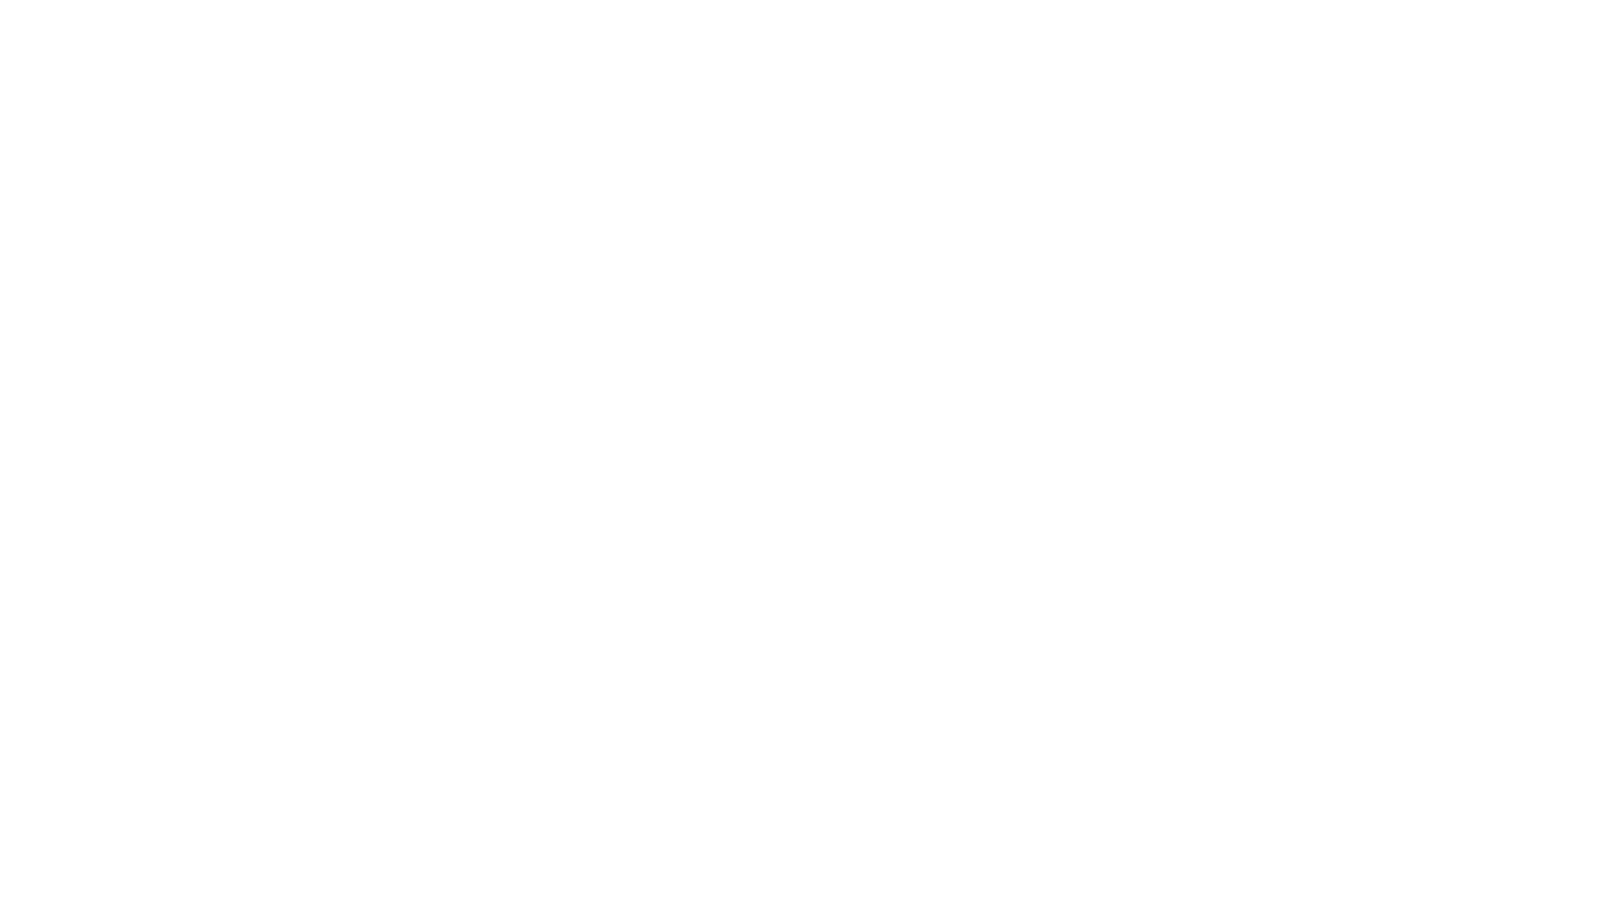 Цьогорічний табір «Чота Крилатих» успішно відбувся 6-17 серпня 2021, зважаючи на усі коронавірусні обмеження. Діти здорові та щасливі, провід - задоволений тим, що задоволені діти.  Відеограф та редактор: Аляска